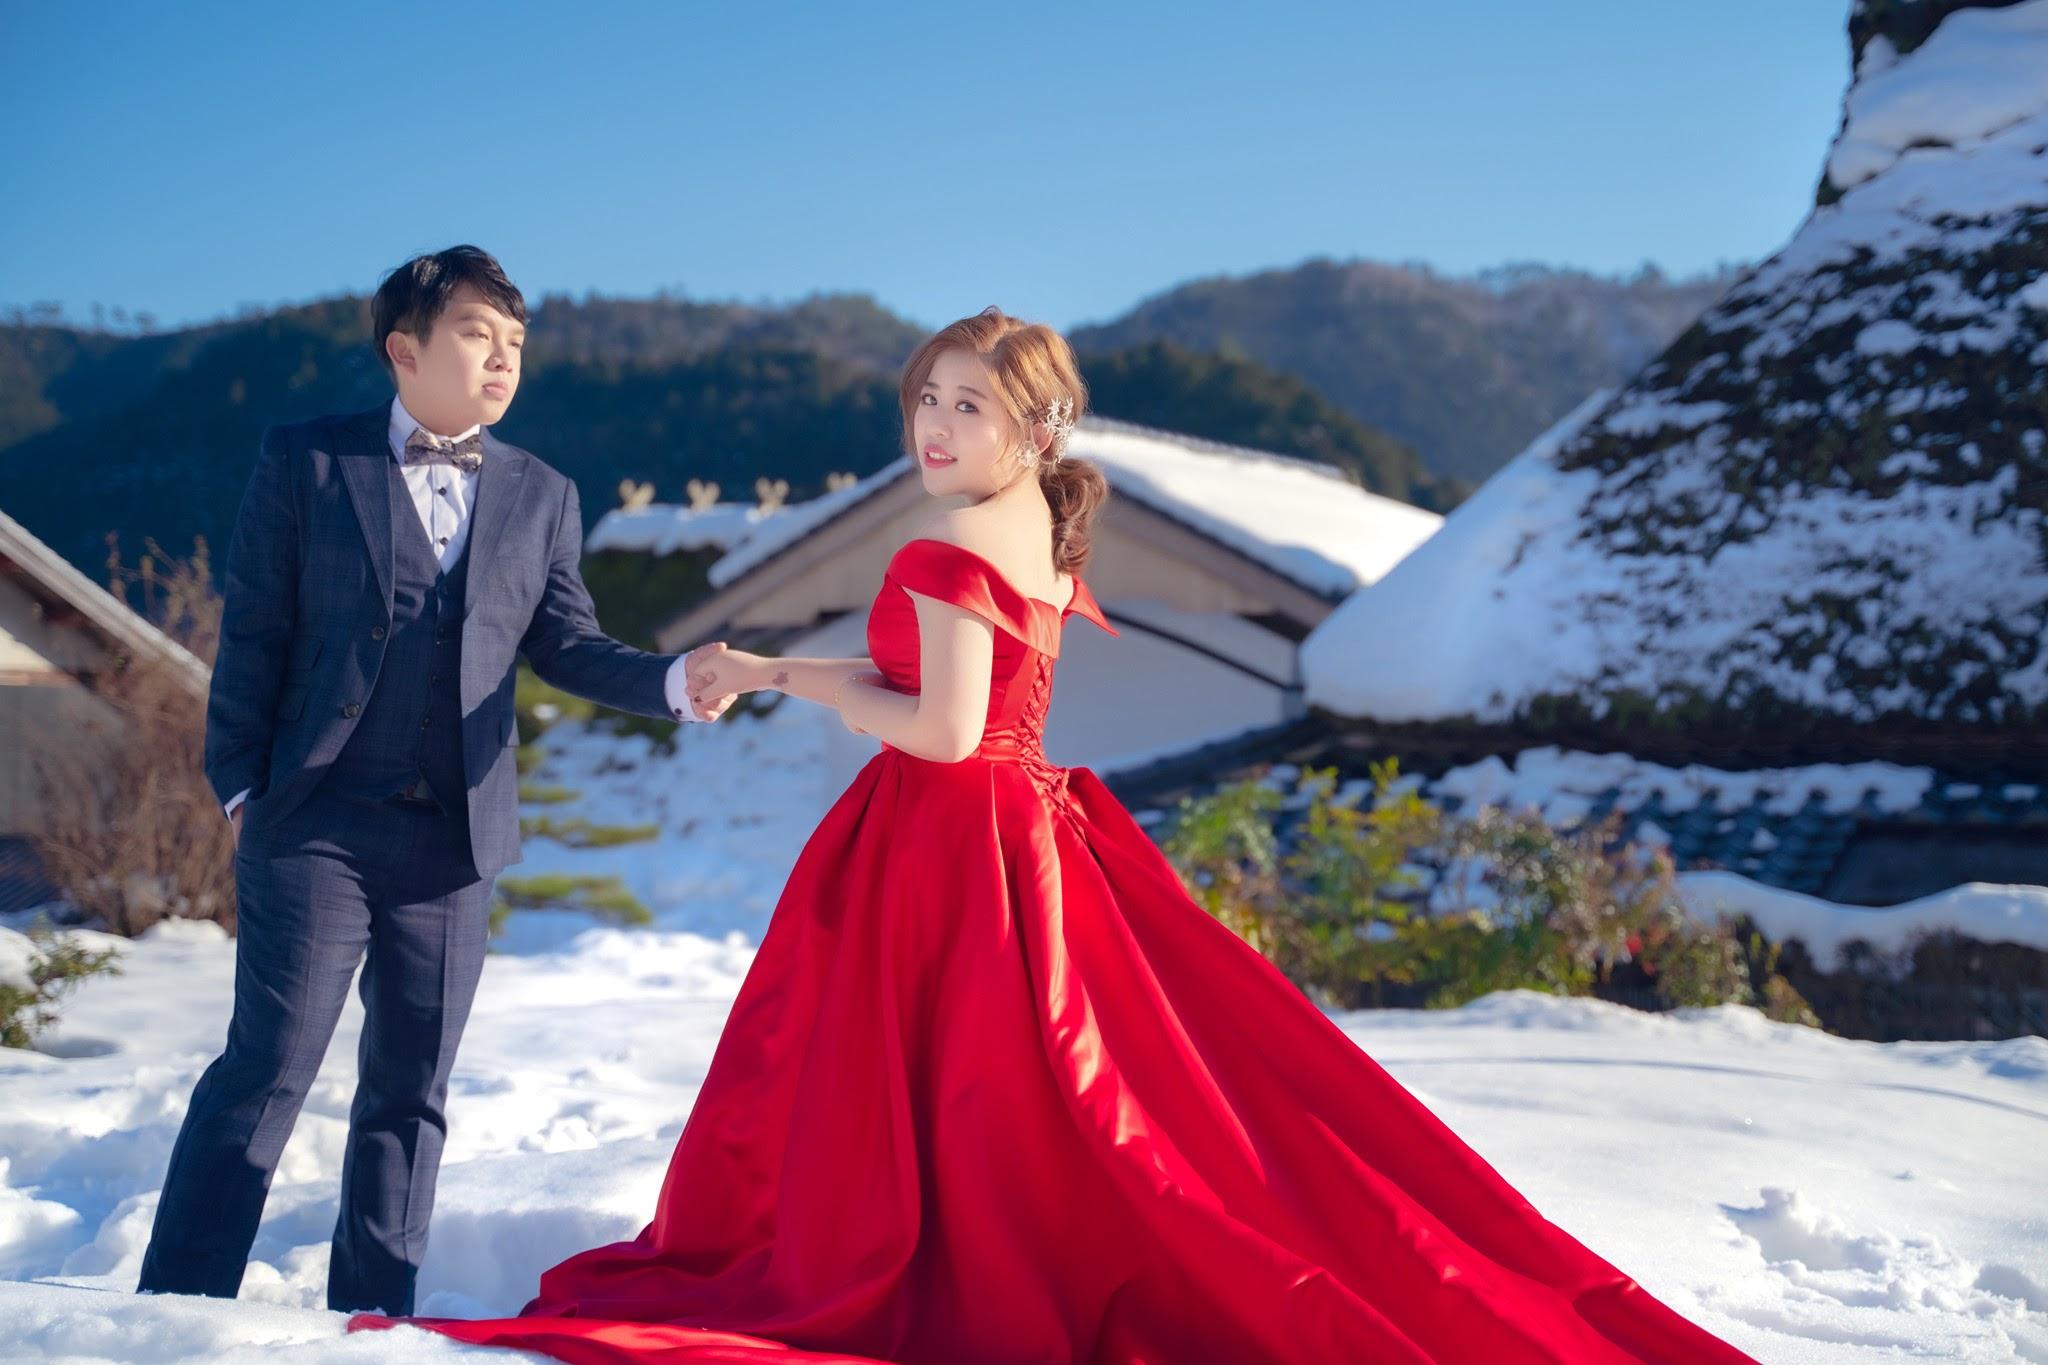 二年版 日本京都遊玩 瑪朵婚紗 日本婚紗推薦 楓葉和服婚紗 清水寺 鴨川 嵐山 合掌村